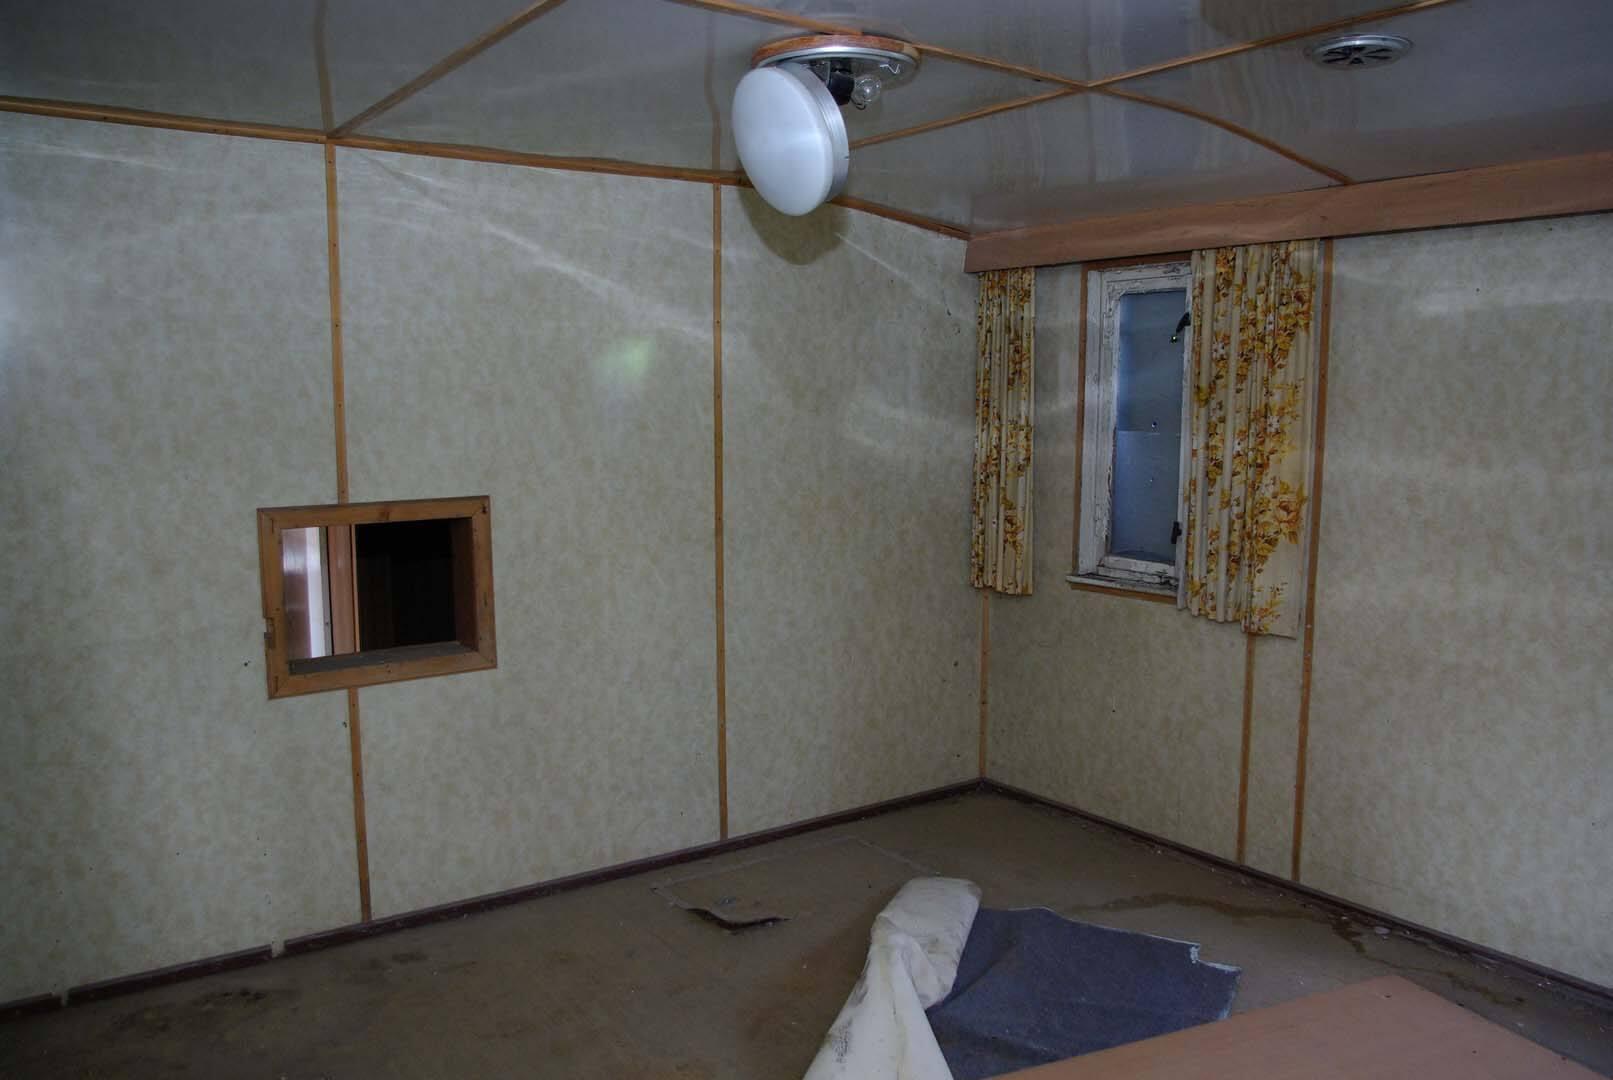 Der ehemalige Sozialraum mit Durchreiche zur ehemaligen Küche. Heute sind hier die Schlafräume